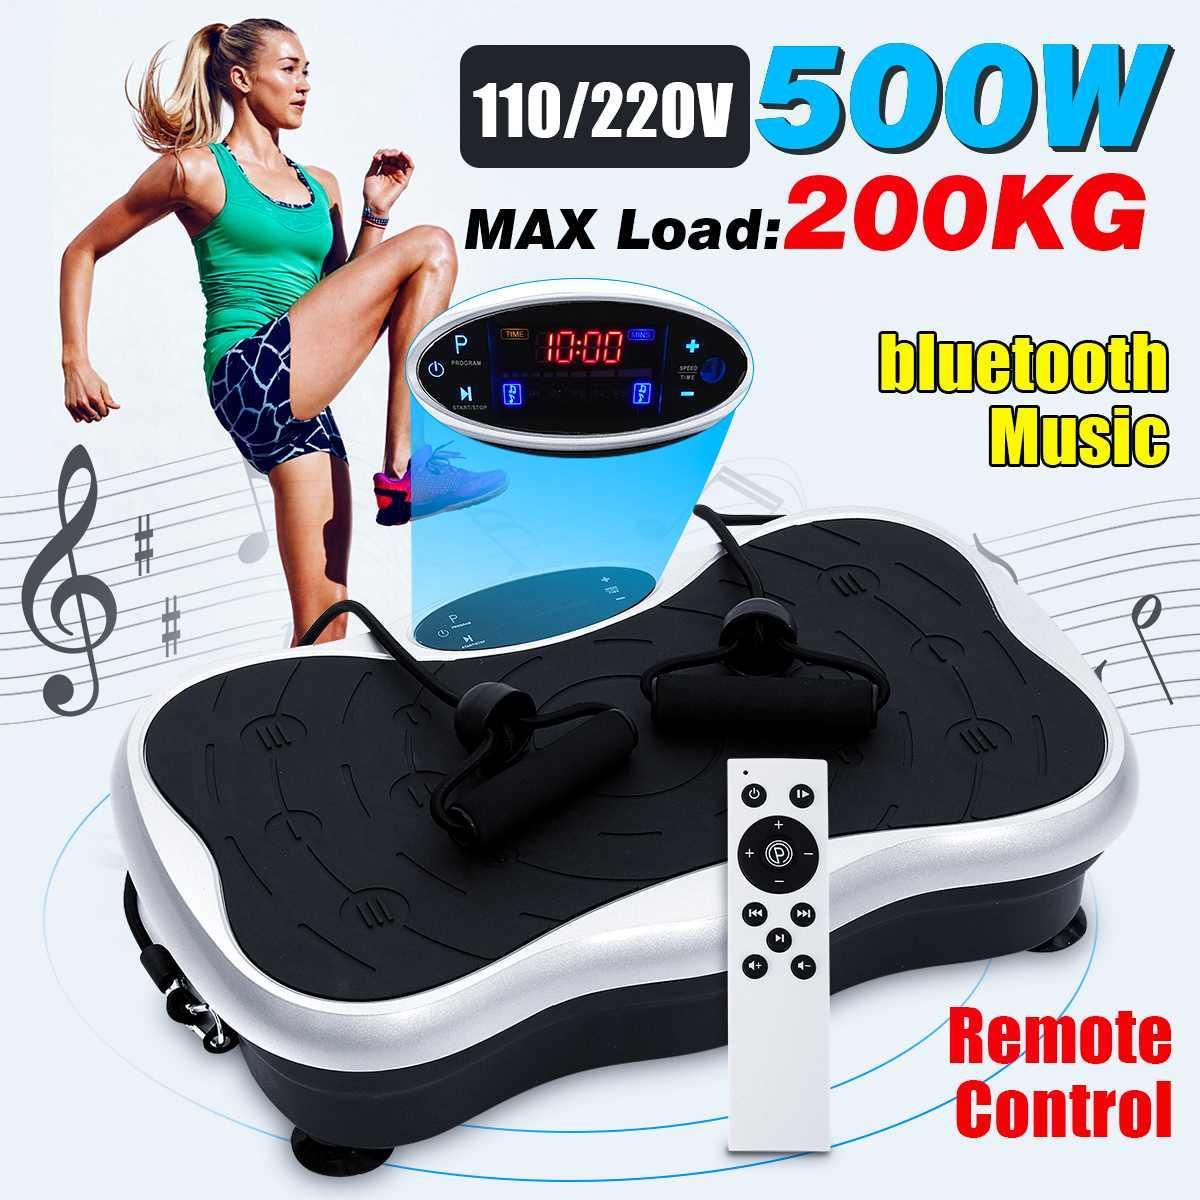 200KG441LBS Exercice Fitness Slim Vibration Machine Entraîneur Plate Plate-forme Body Shaper contrôle à distance avec la machine de bandes de résistance